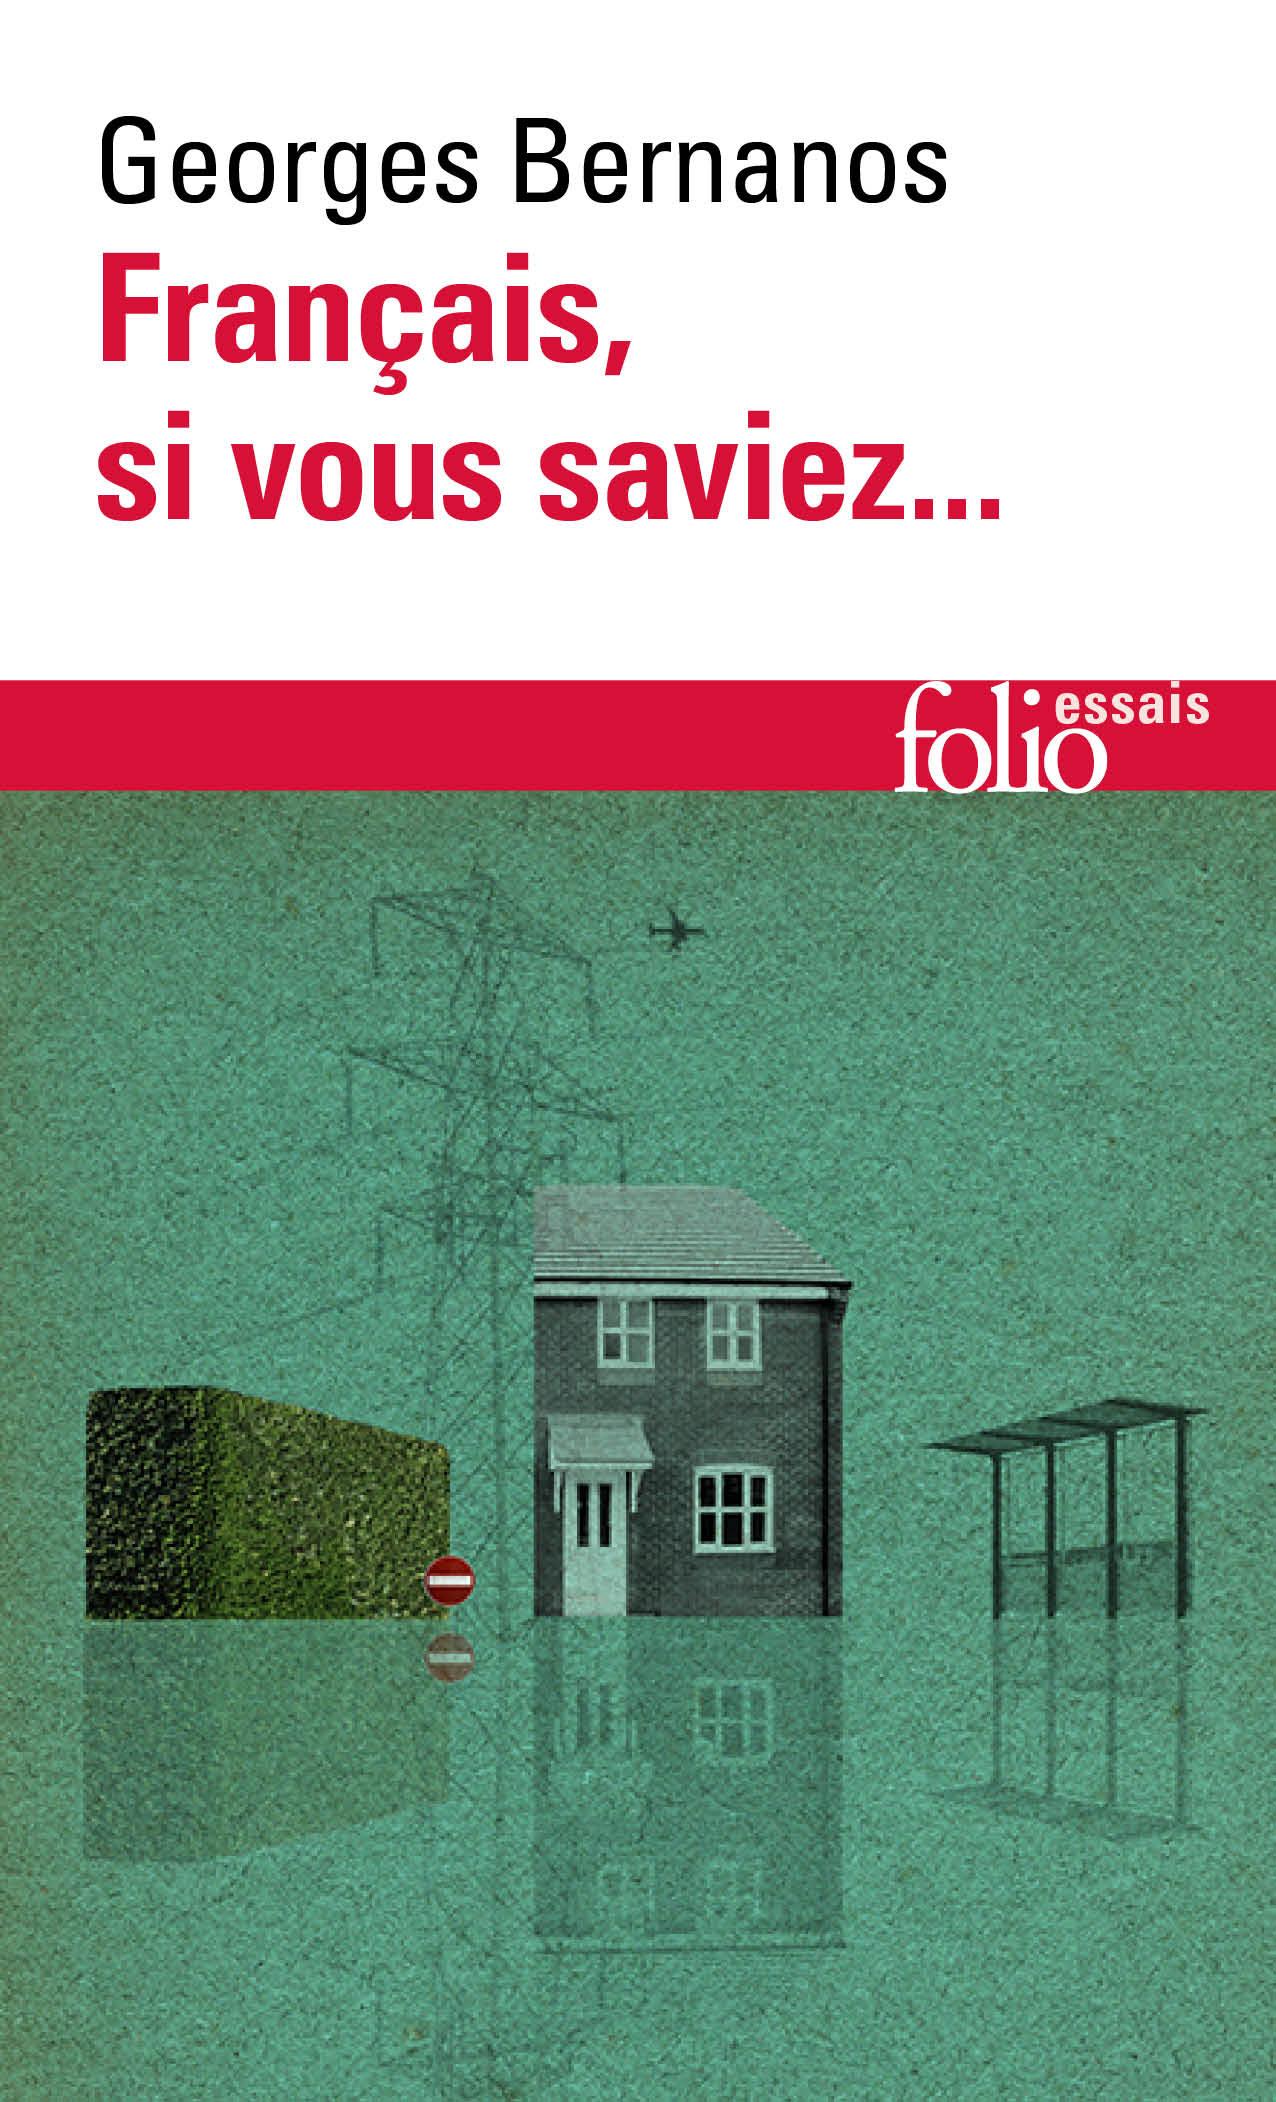 G. Bernanos, Français, si vous saviez. (1961)